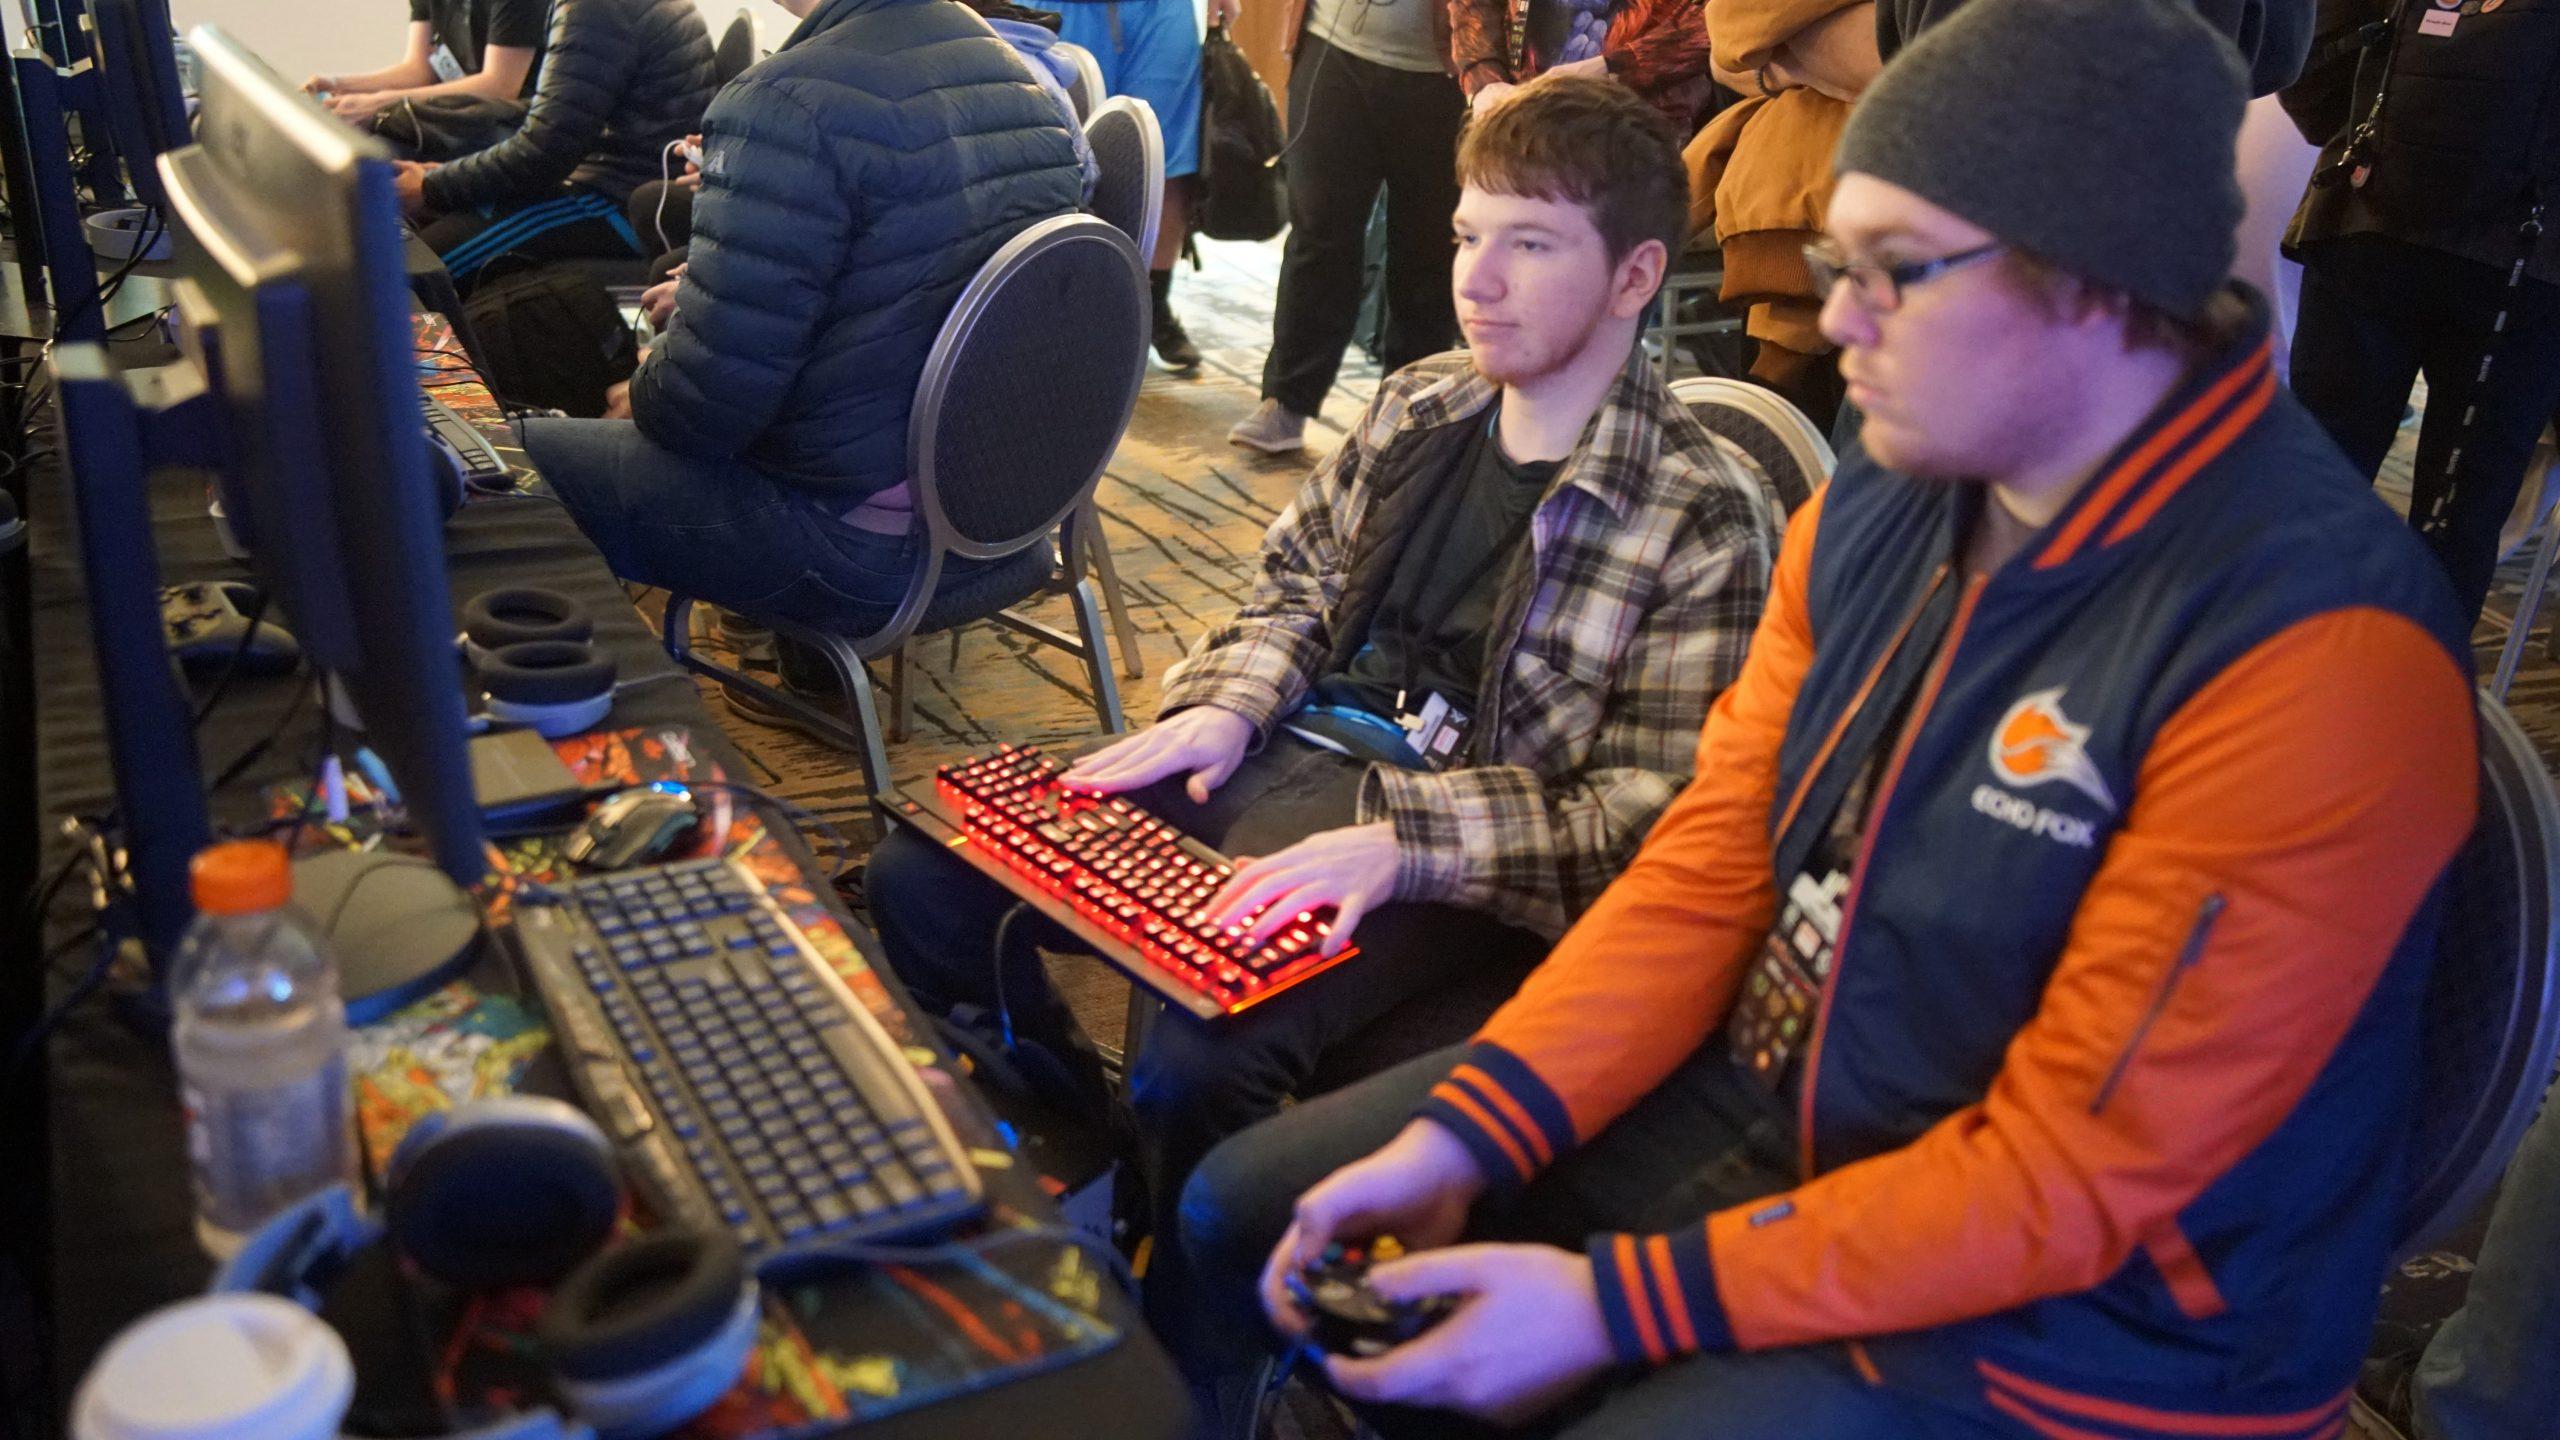 Dos jovenes jugando videojuegos